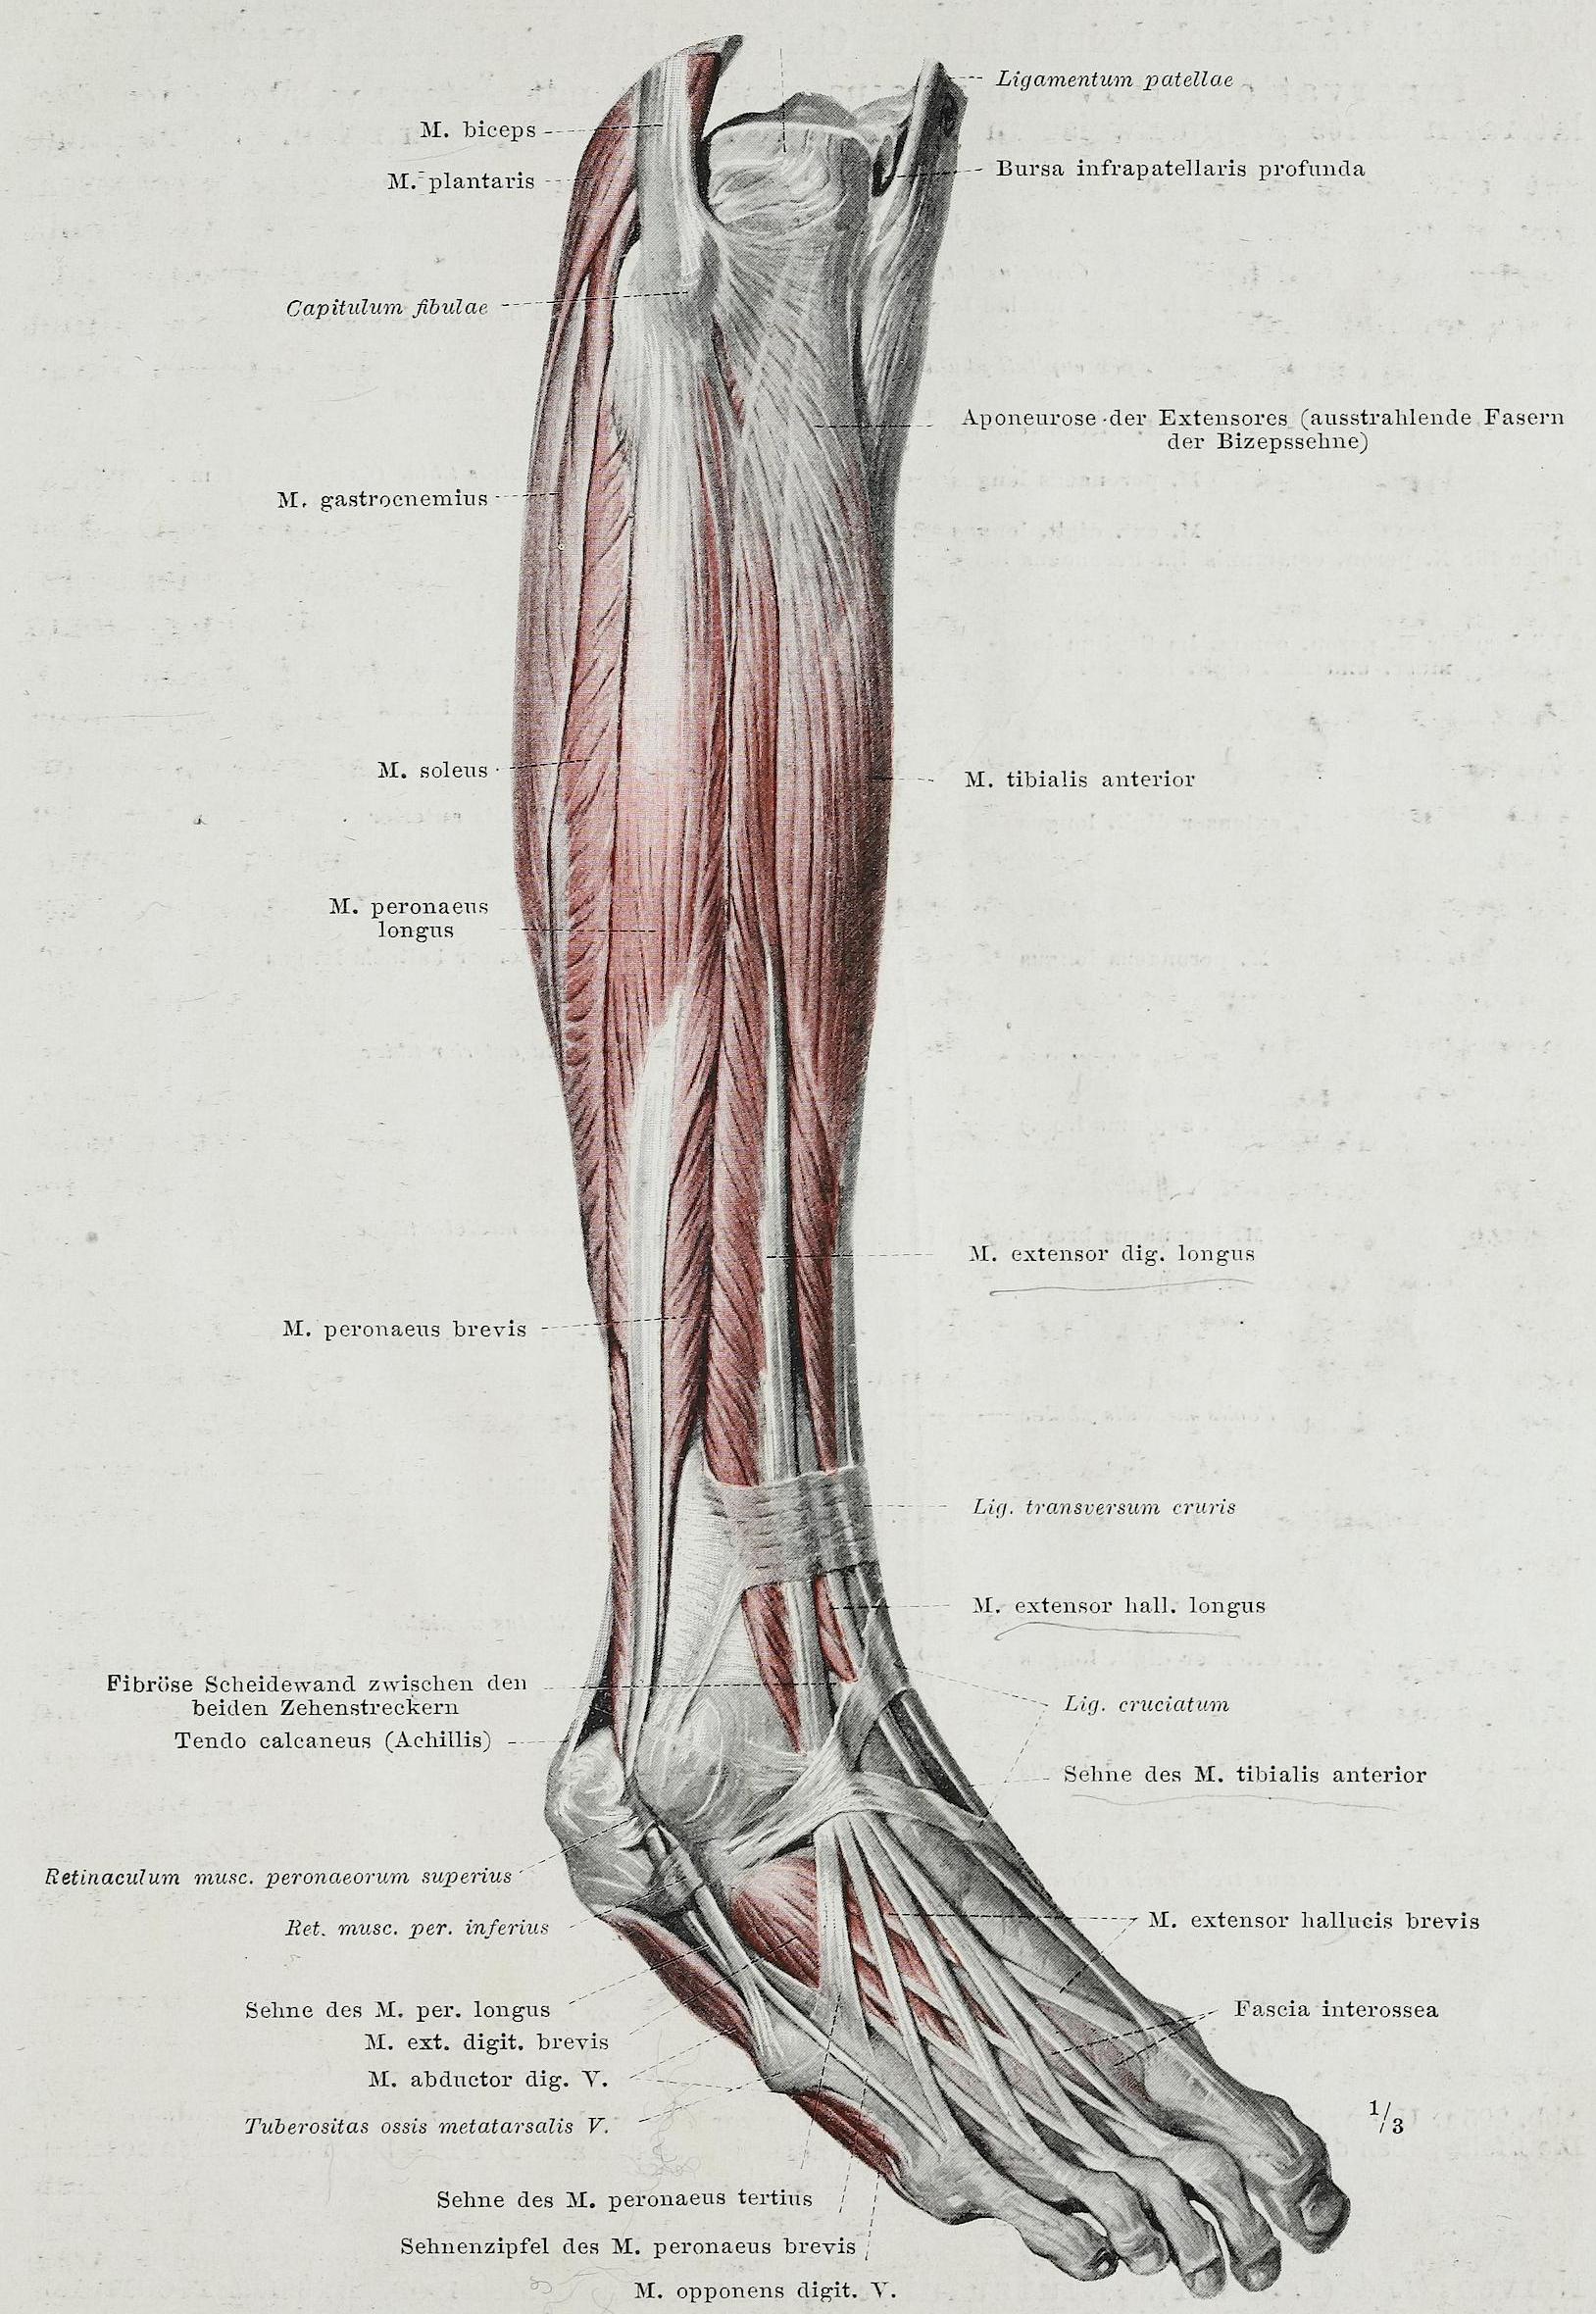 Tolle Anatomie Fußmuskulatur Bilder - Menschliche Anatomie Bilder ...